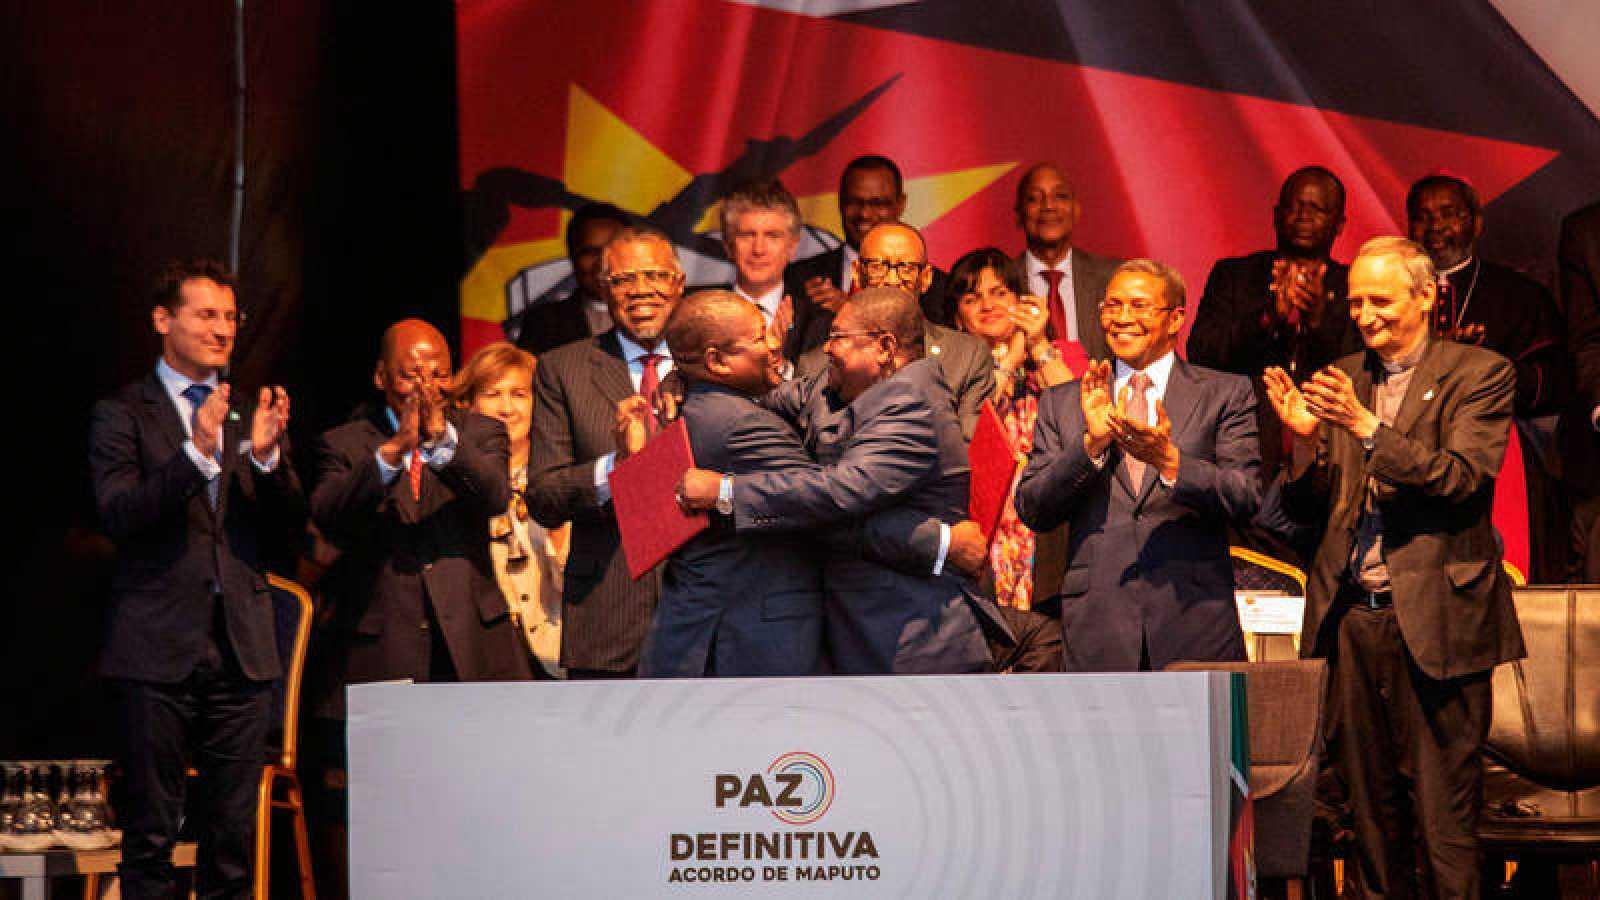 El presidente de Mozambique, Filipe Nyusi, y el líder de la oposición de Renamo, Ossufo Momade han firmado un acuerdo histórico destinado a poner fin formalmente a décadas de hostilidades militares.